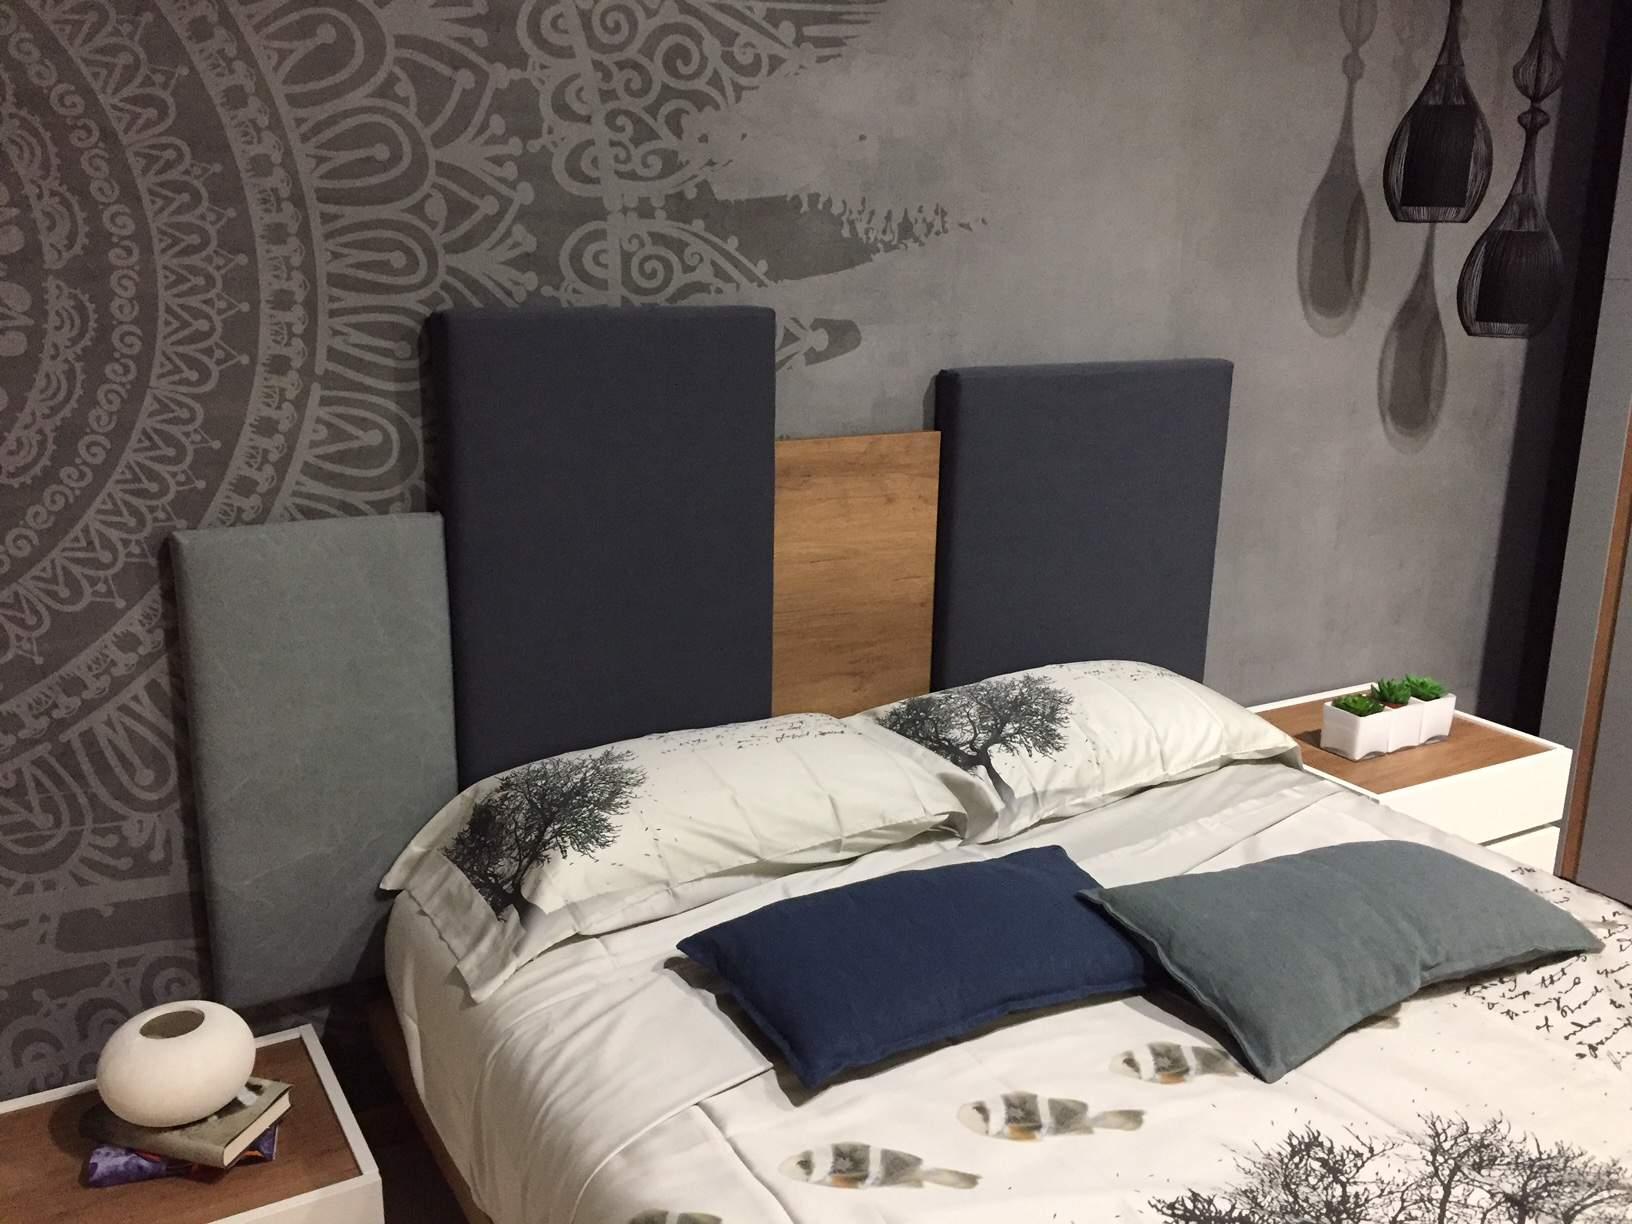 Tomasella nuovo showroom piacentini arredamenti roma 8 for Arredamenti roma outlet